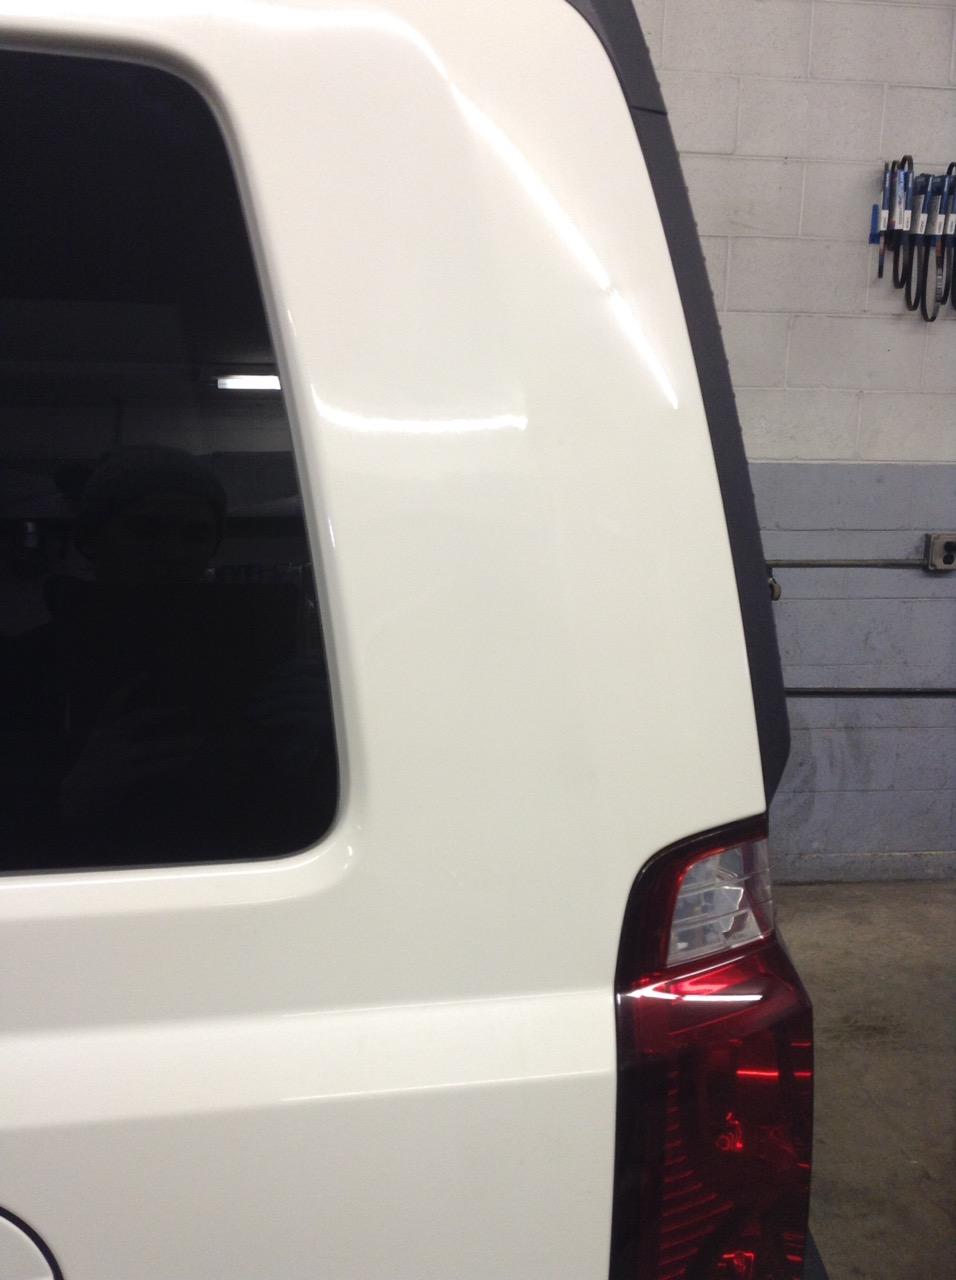 Used Car Dealerships In Roanoke Va >> Kodi Dents | Kodi Dents